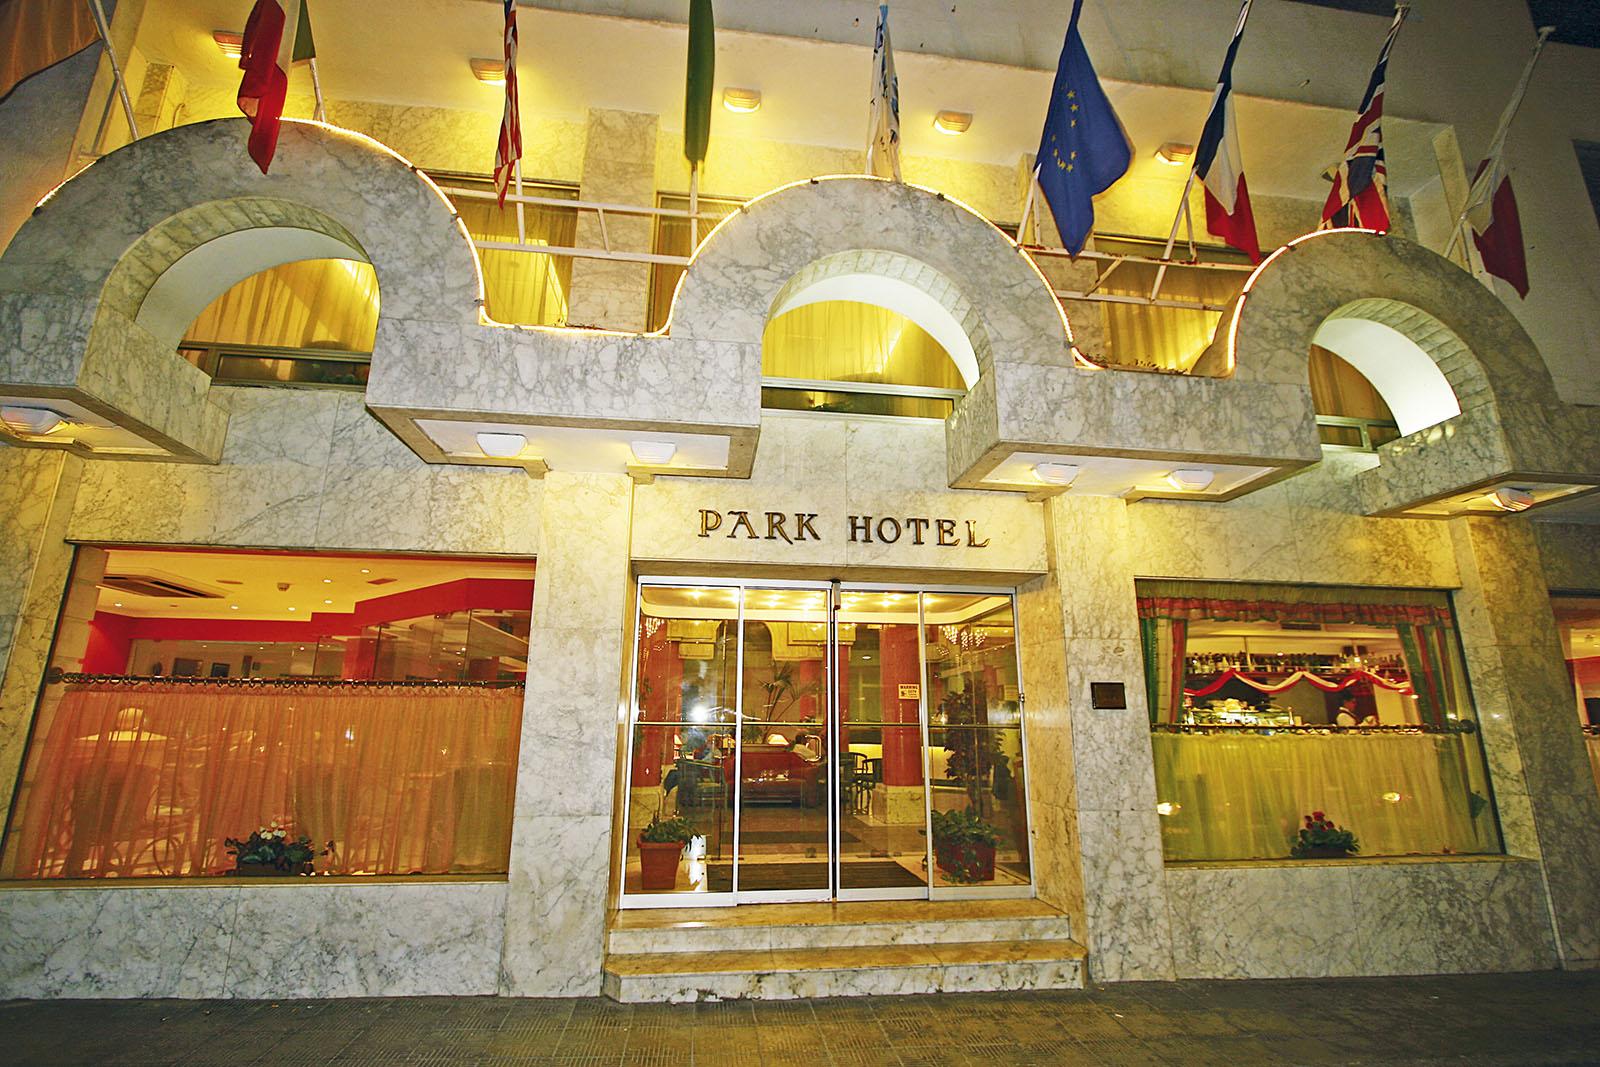 Málta - Máltai üdülés 2016-2017. Park Hotel